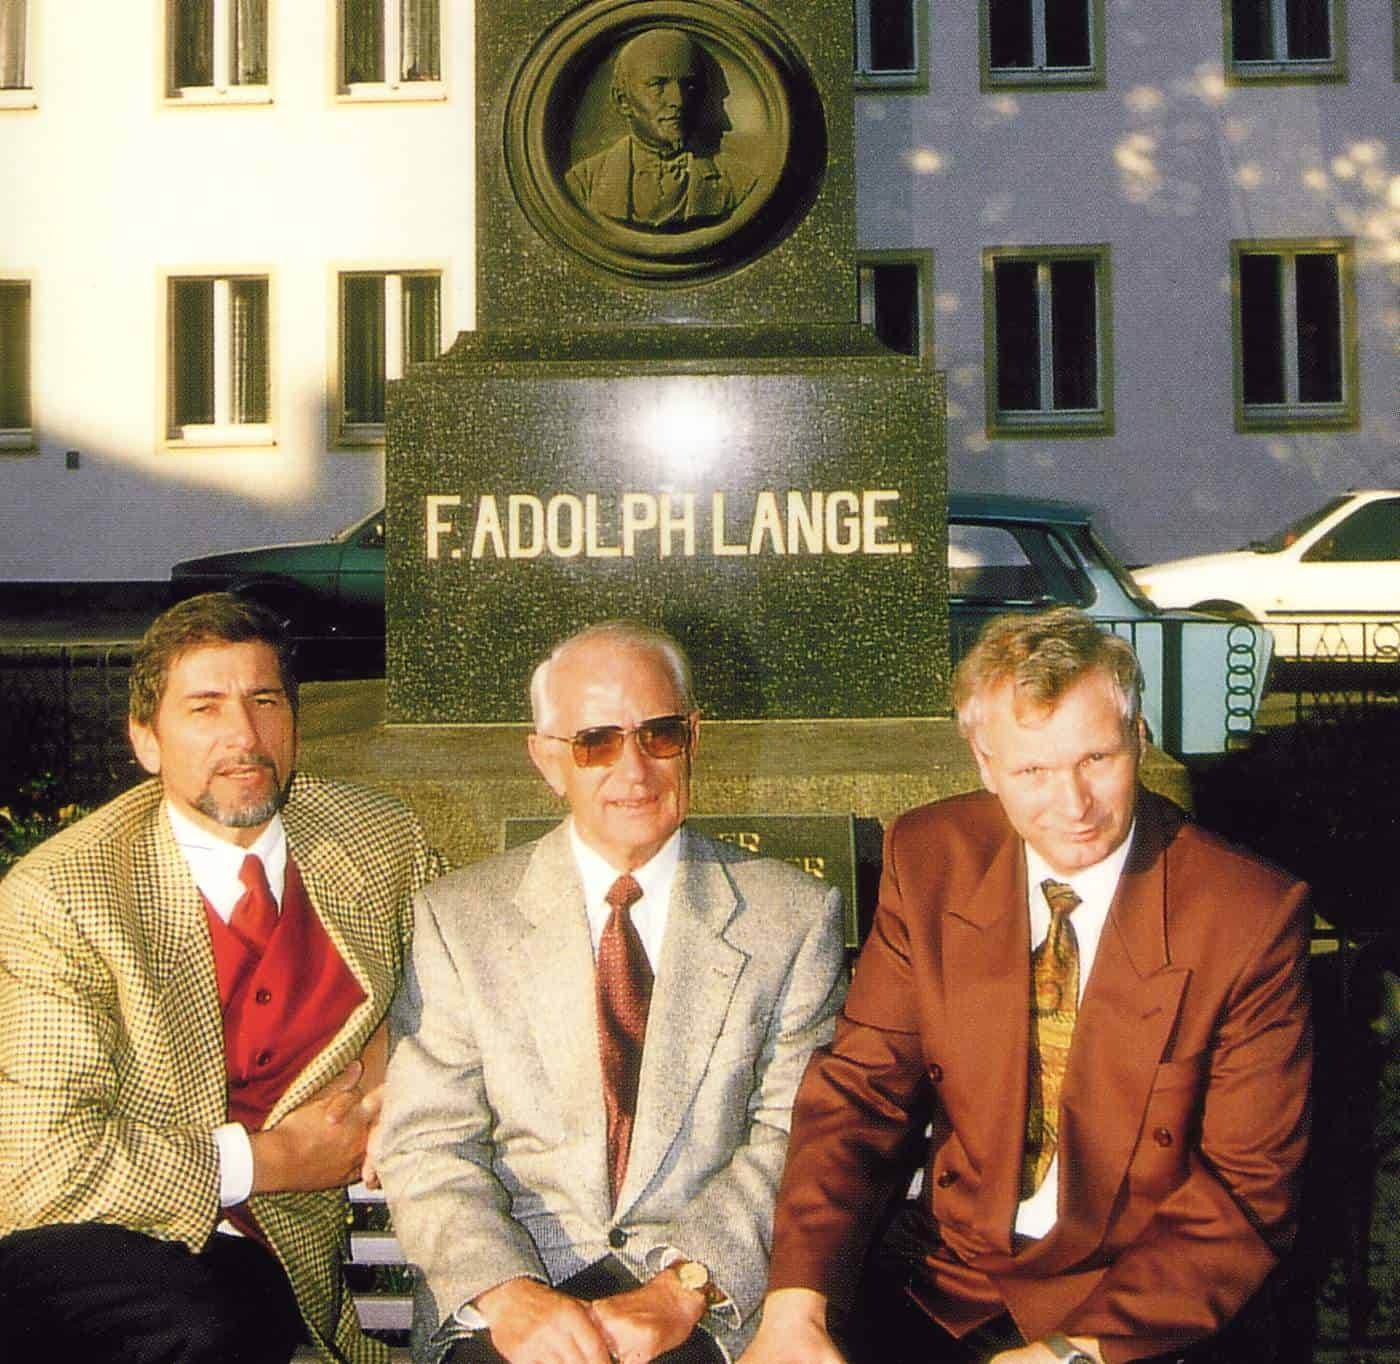 Zu Füssen des Firmengründers Ferdinand Adolph Lange : Günter Blümlein, Walter Lange und Hartmut Knothe, die ersten Geschäftsführer der Lange Uhren GmbH